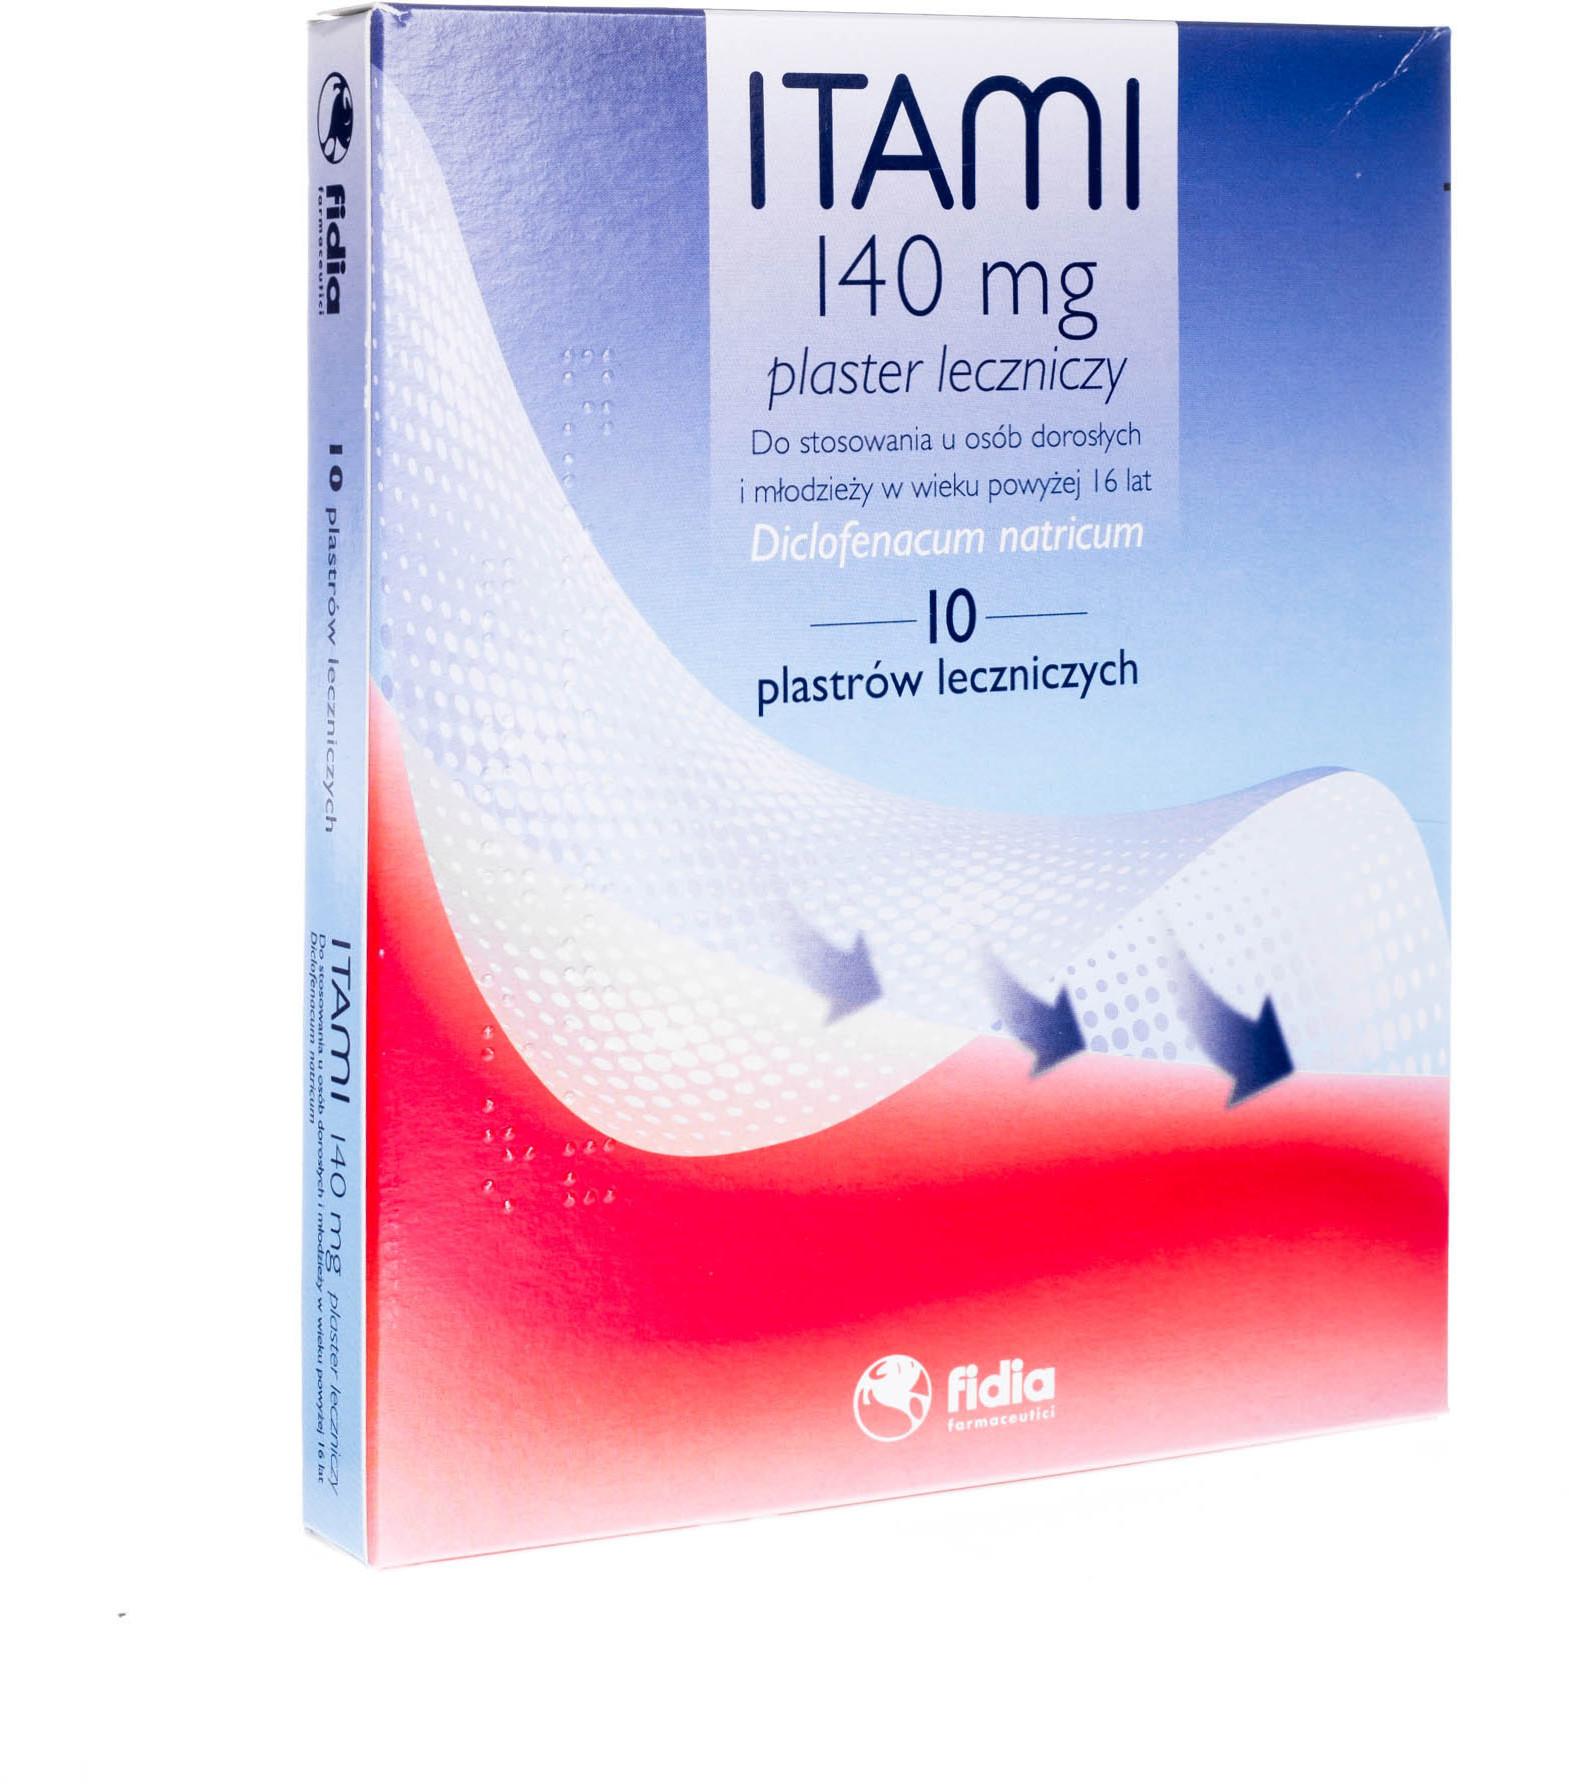 FIDIA ITAMI PLASTER LECZNICZY 10 szt.